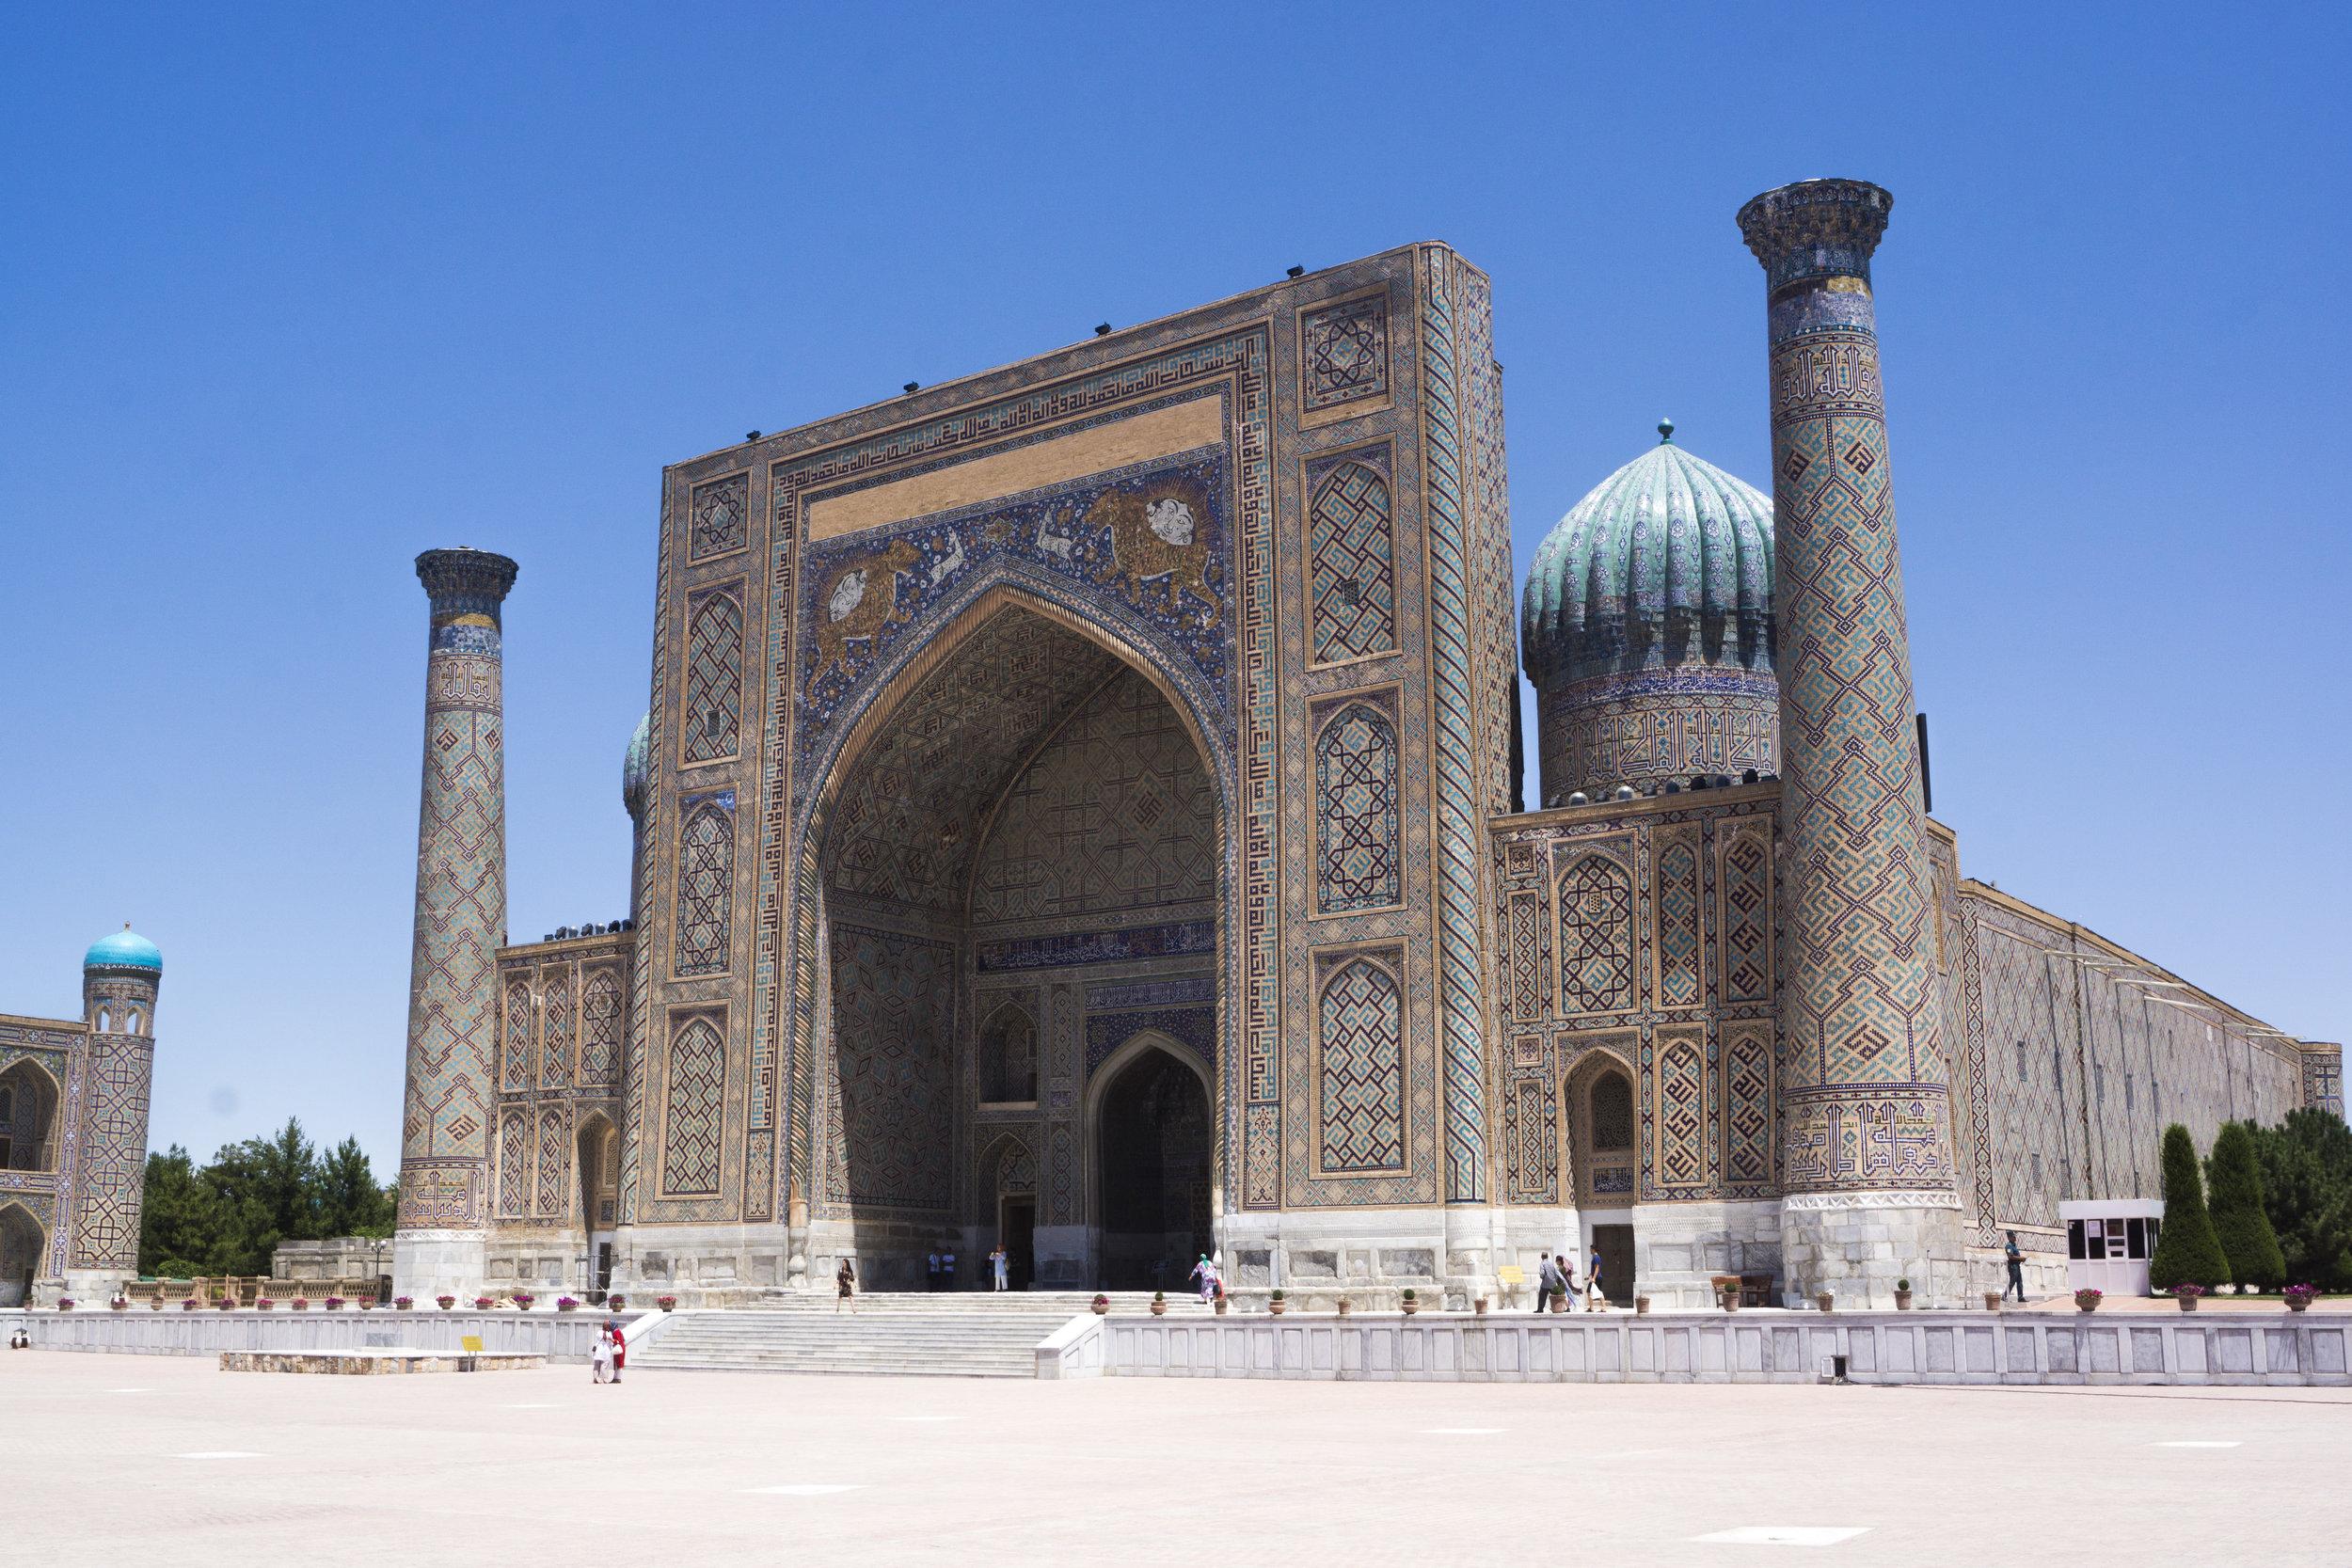 The Sher-Doh Madrasah, in central Samarkand.